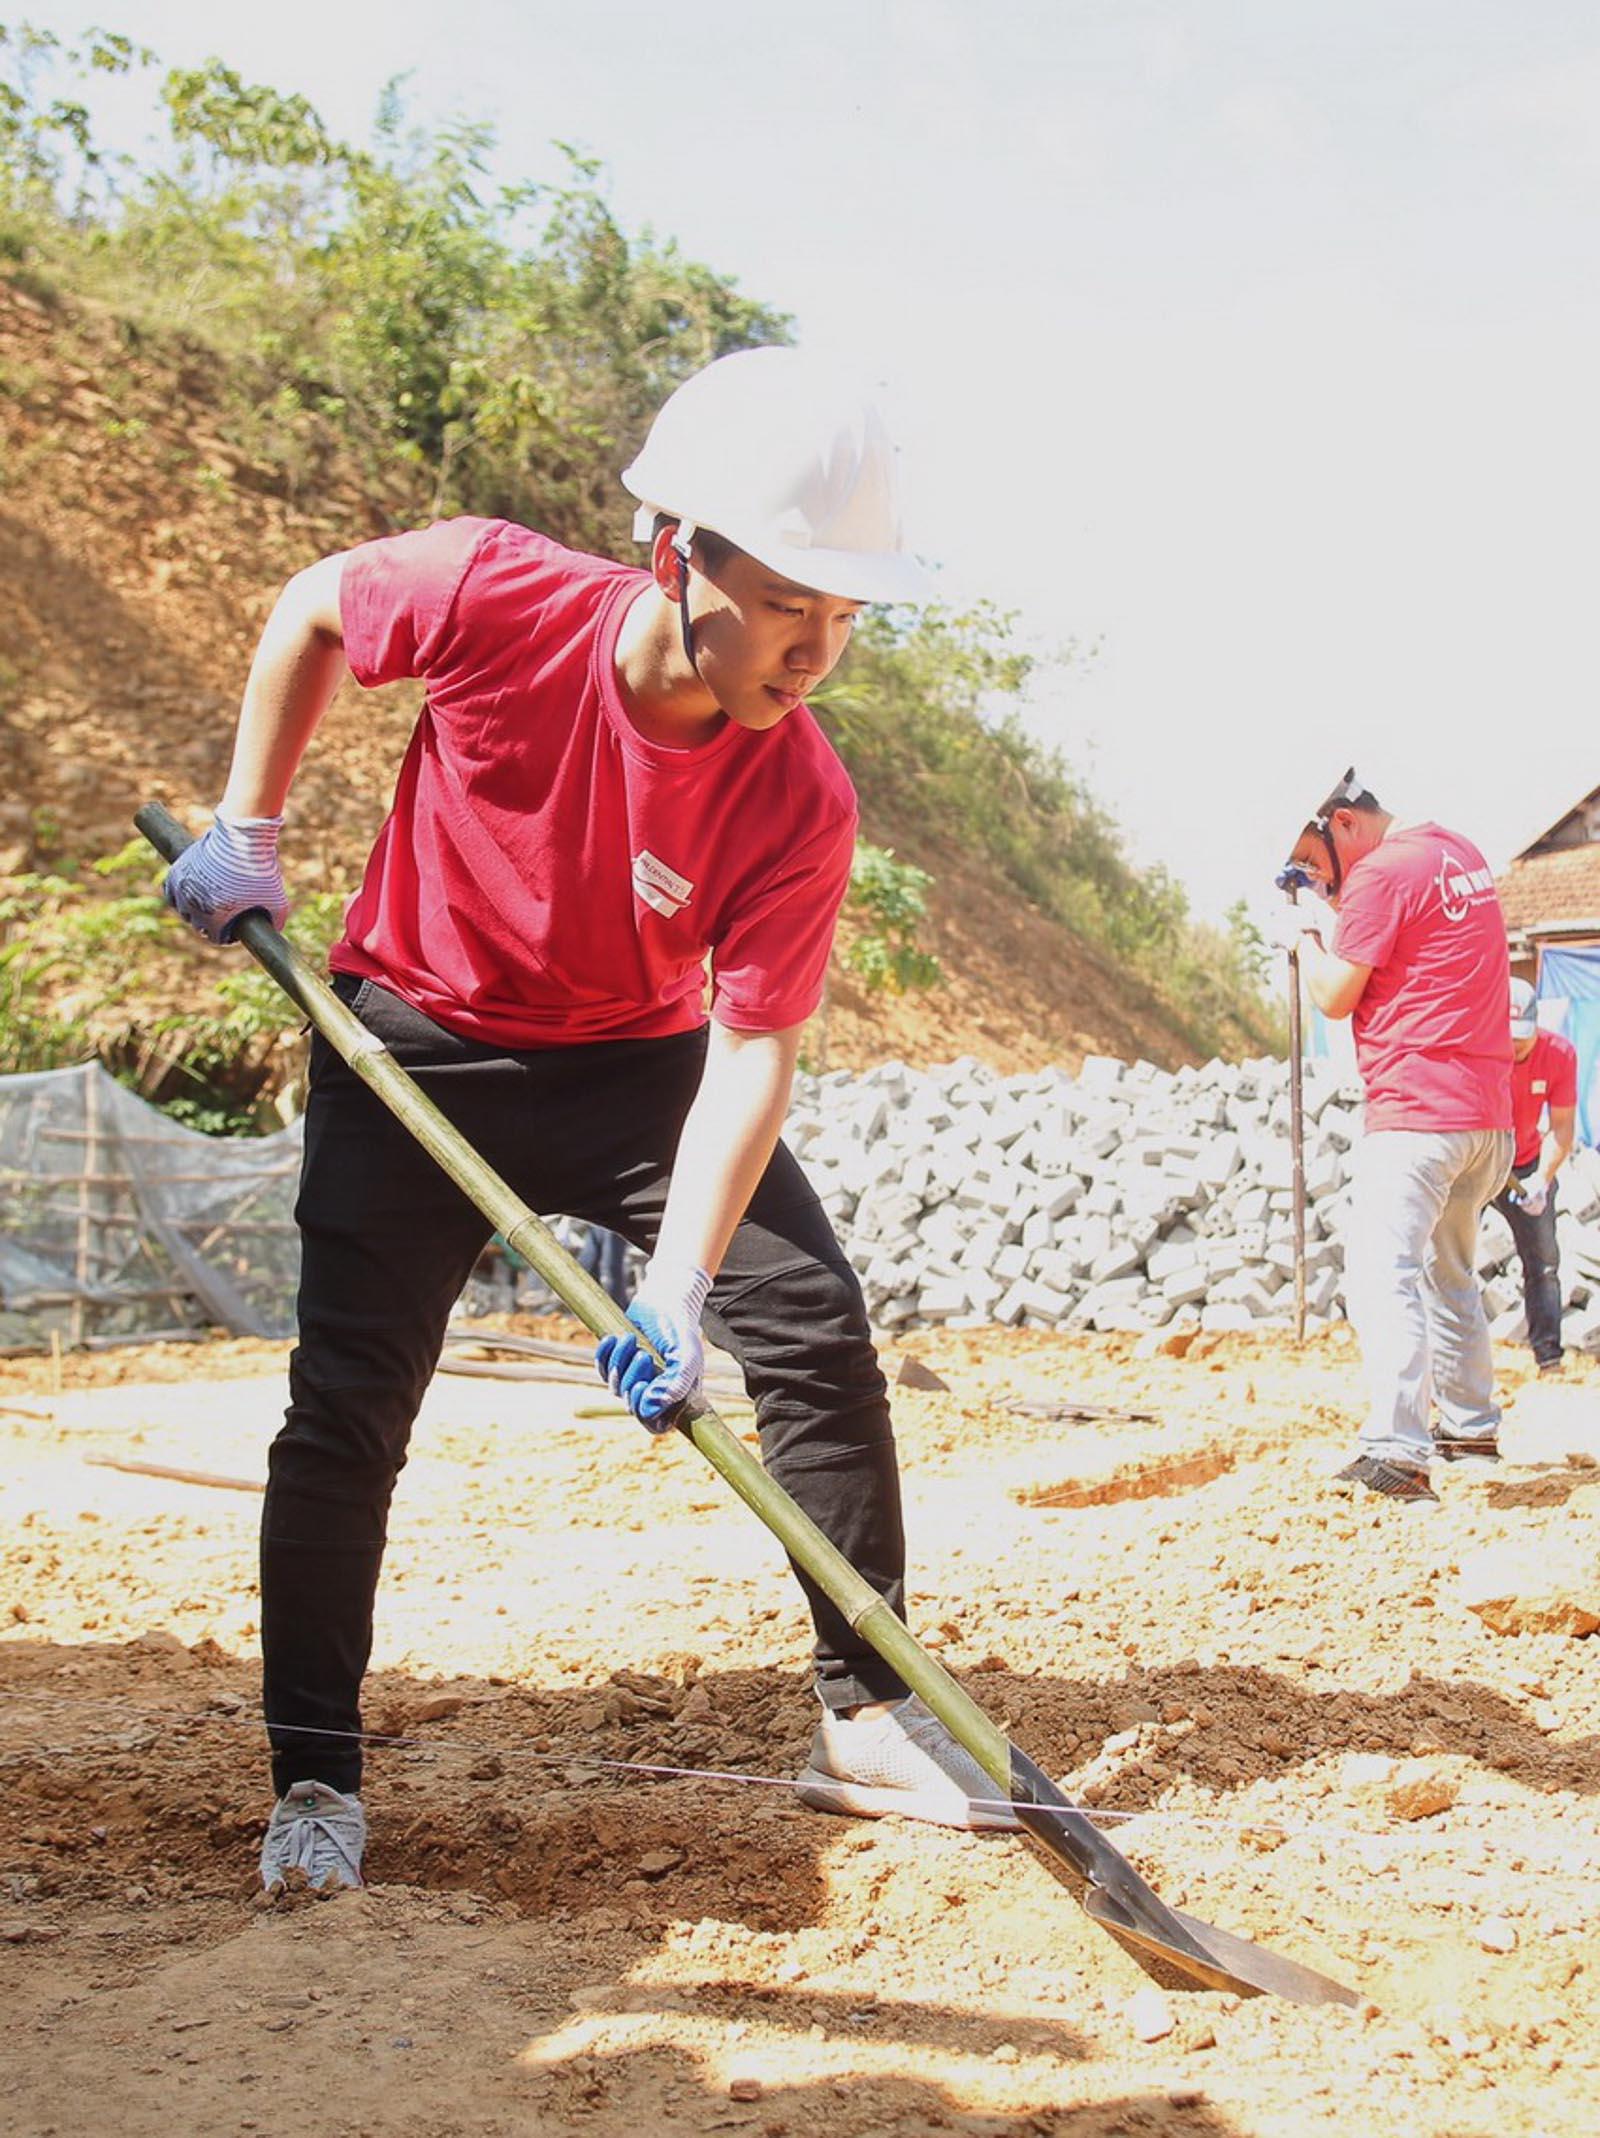 Prudential xây dựng nhà an toàn cho người dân vùng bão lũ 2